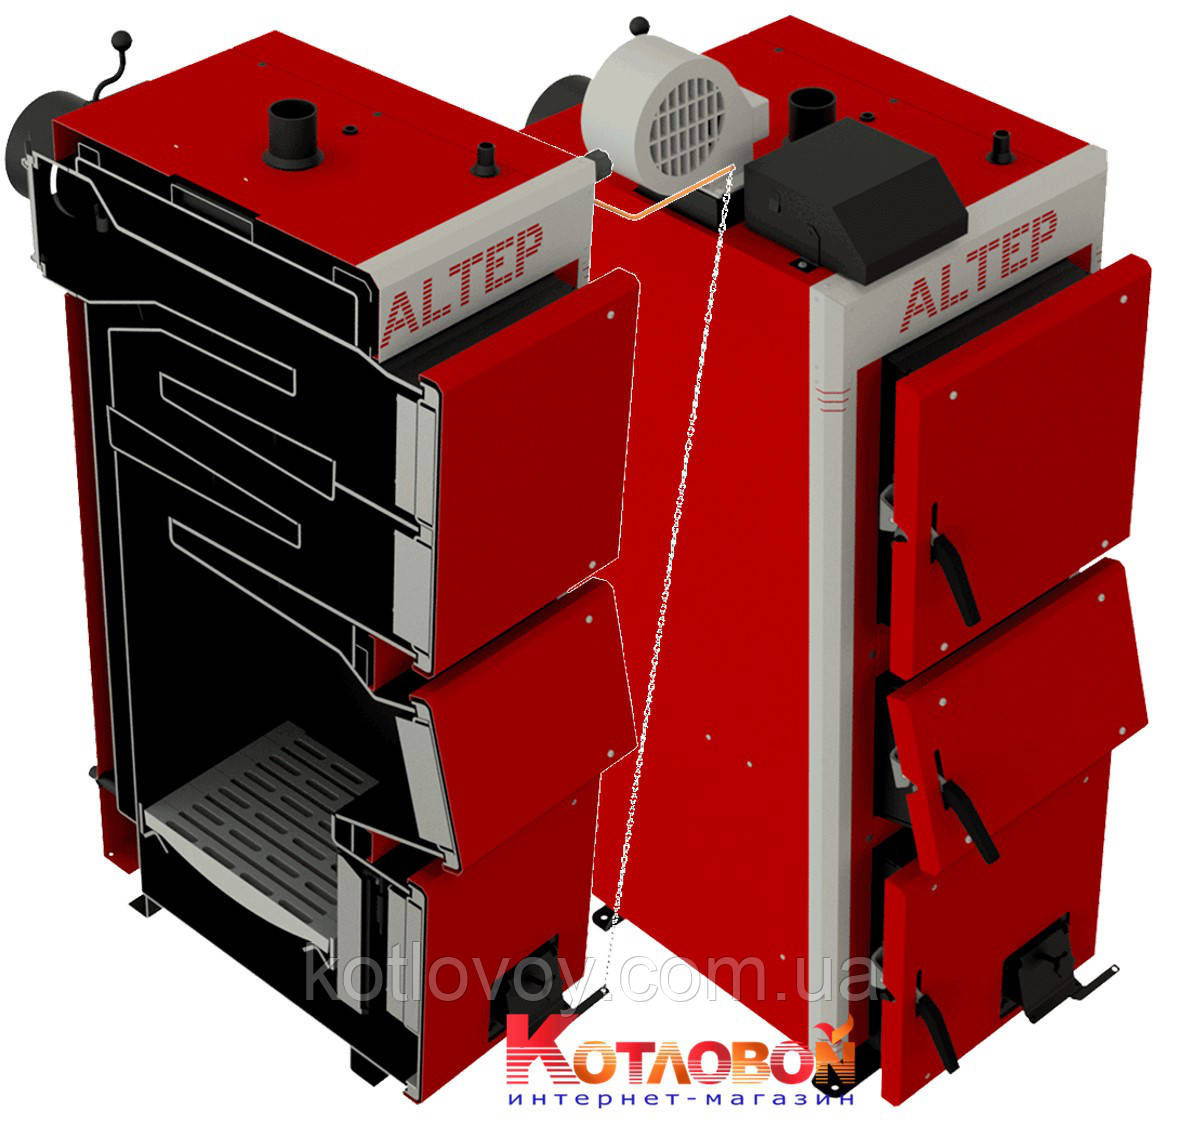 Твердотопливный котел длительного горения Альтеп Altep DUO UNI/DUO UNI PLUS (КТ-2ЕN/M)